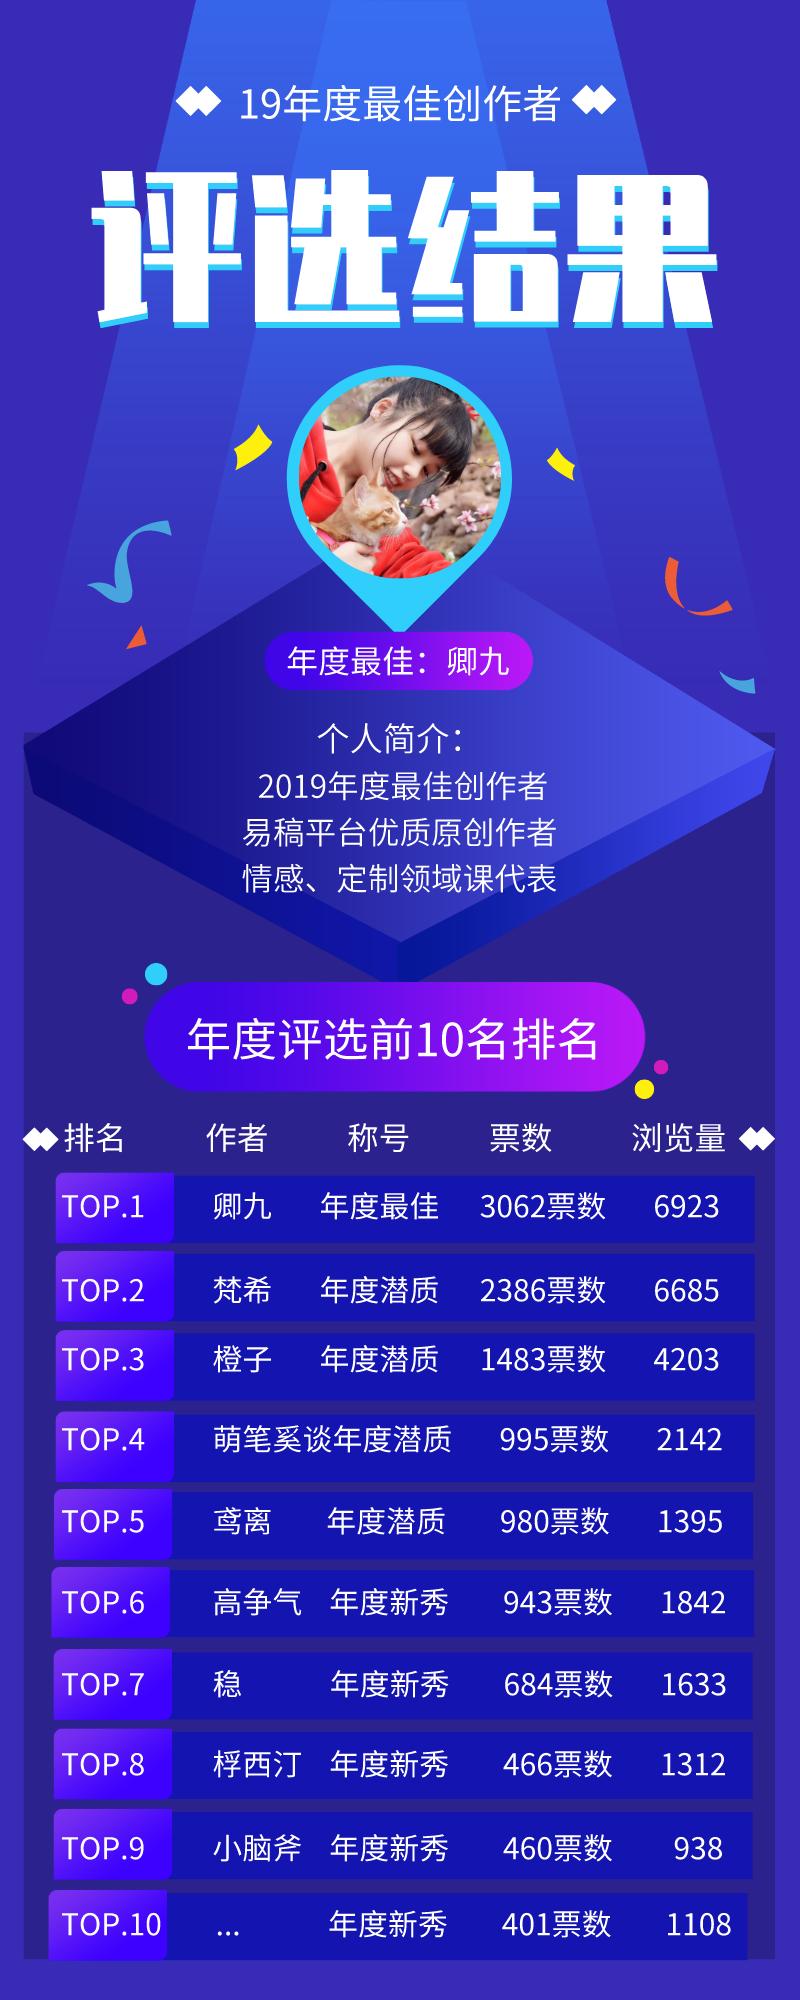 2019年度最佳创作者评选结果_自定义px_2020-01-09-0.png